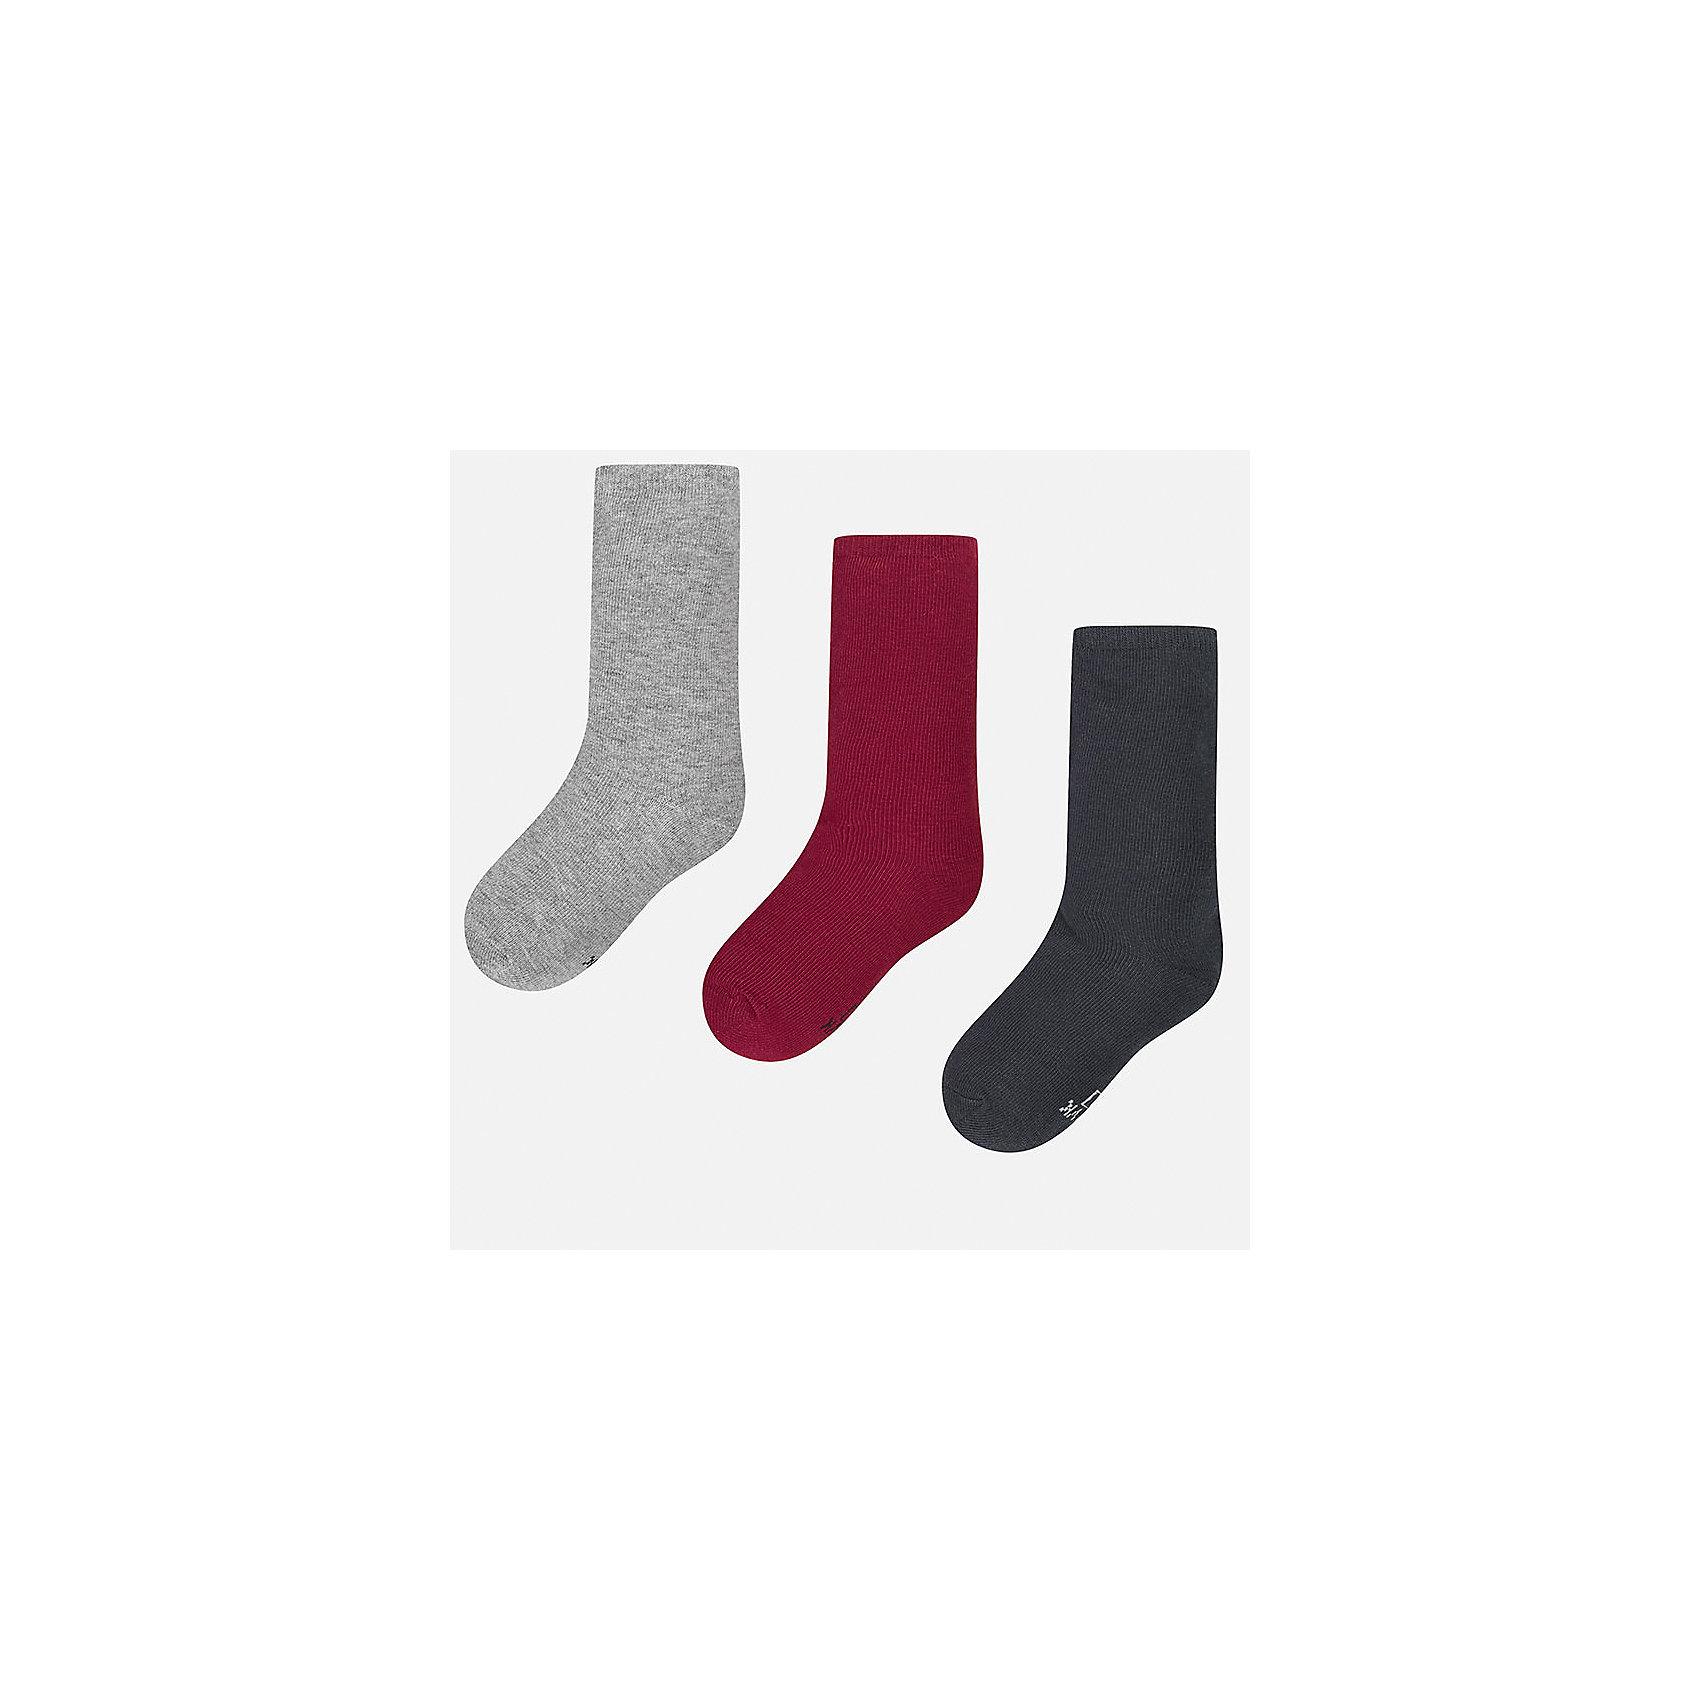 Комплект: 3 пары носков для мальчика MayoralНоски<br>Комплект из 3 пар носков для мальчика от известного испанского бренда Mayoral. Носки изготовлены из качественных дышащих, водоотталкивающих материалов. Классические однотонные носки прекрасно подойдут на каждый день!<br>Дополнительная информация:<br>-цвета: серый, красный, черный<br>-состав: 75% хлопок, 23% полиэстер, 2% эластан<br>Носки Mayoral можно приобрести в нашем интернет-магазине<br><br>Ширина мм: 87<br>Глубина мм: 10<br>Высота мм: 105<br>Вес г: 115<br>Цвет: бордовый<br>Возраст от месяцев: 180<br>Возраст до месяцев: 192<br>Пол: Мужской<br>Возраст: Детский<br>Размер: 16,18,14,12,10,8<br>SKU: 4820274